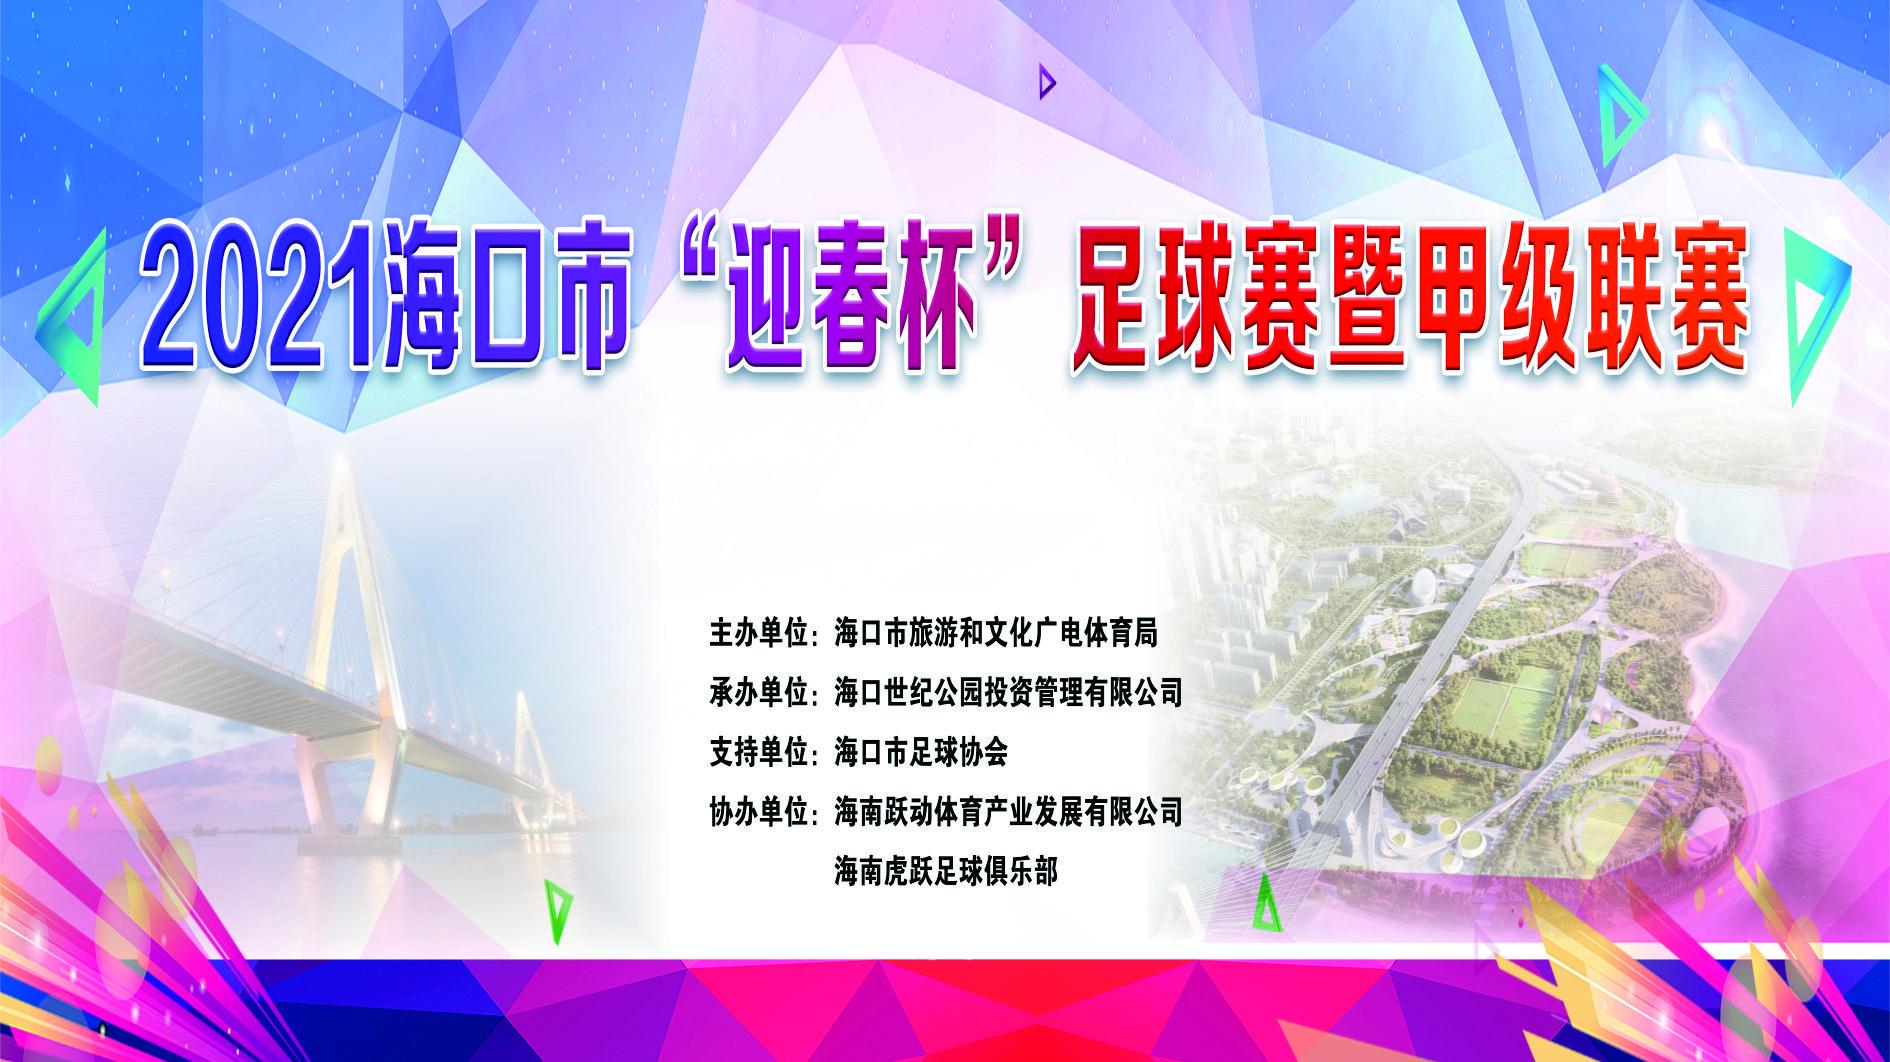 """2021年海口市""""迎春杯""""足球赛暨甲级联赛 决赛、闭幕式"""